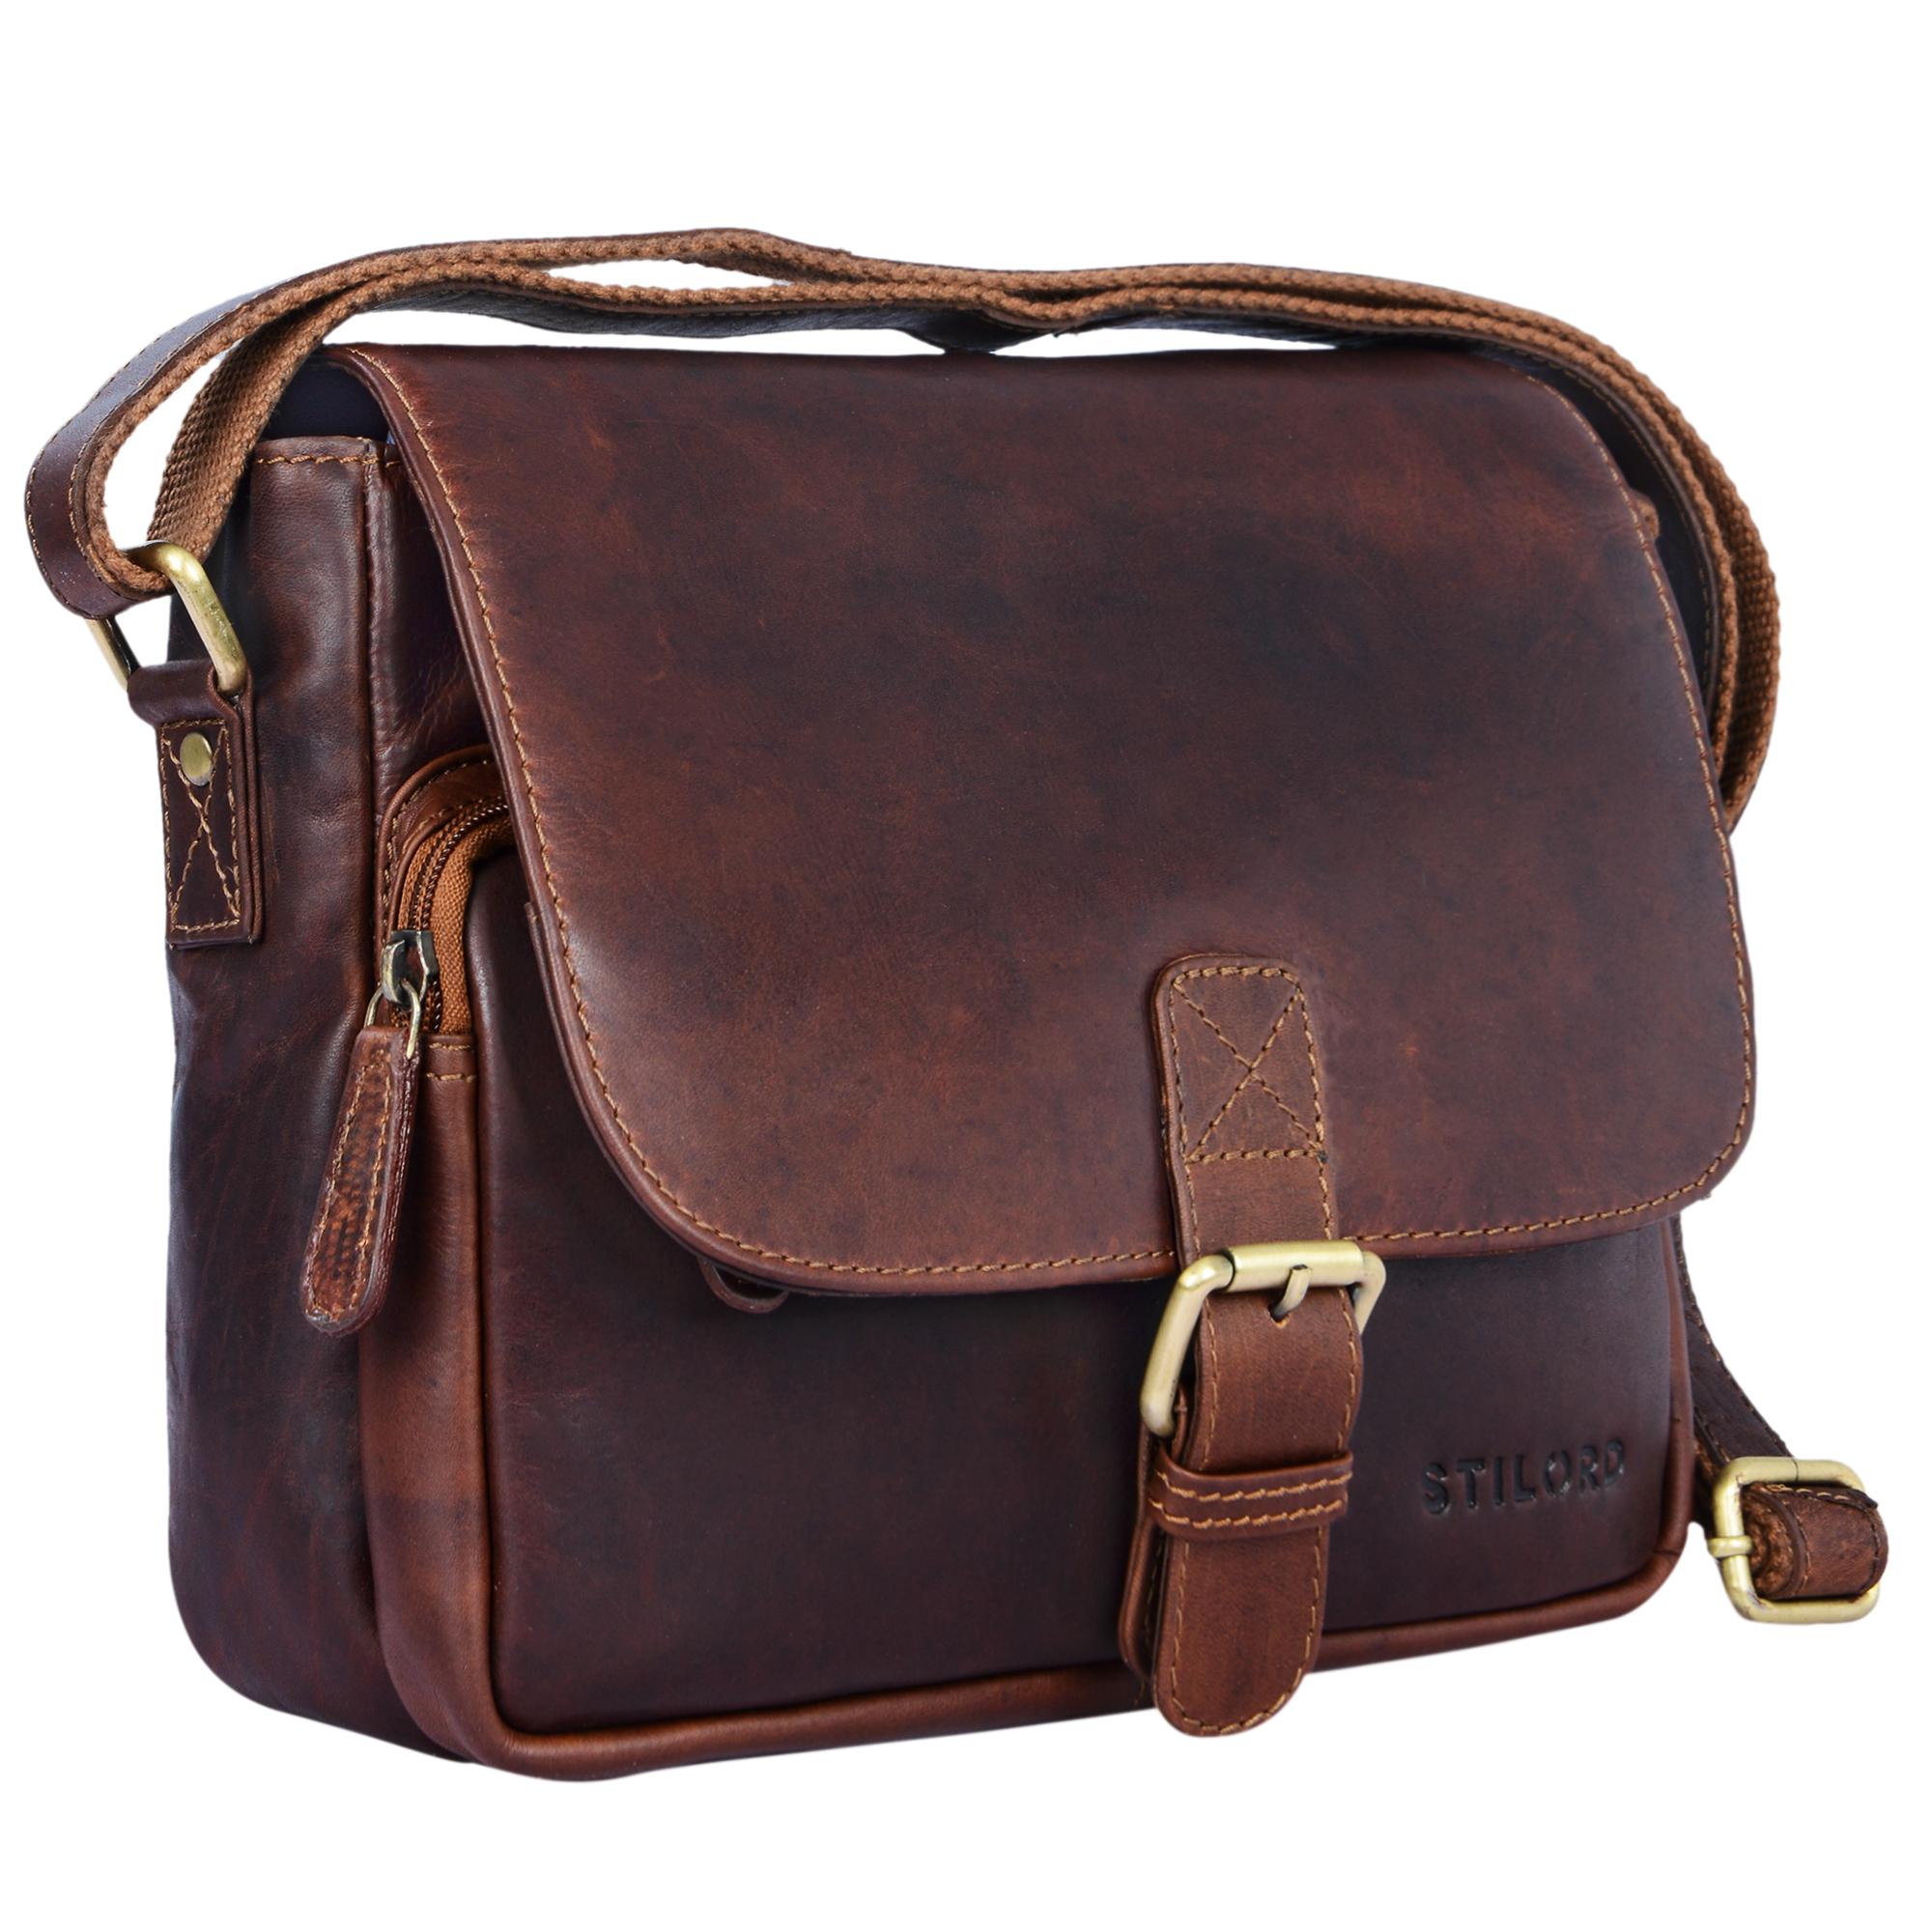 """STILORD """"Lucian"""" Vintage Umhängetasche Leder klein für Herren und Damen braune Schultertasche für 10.1 Zoll Tablet iPad DIN A5 Handtasche aus echtem Leder - Bild 10"""